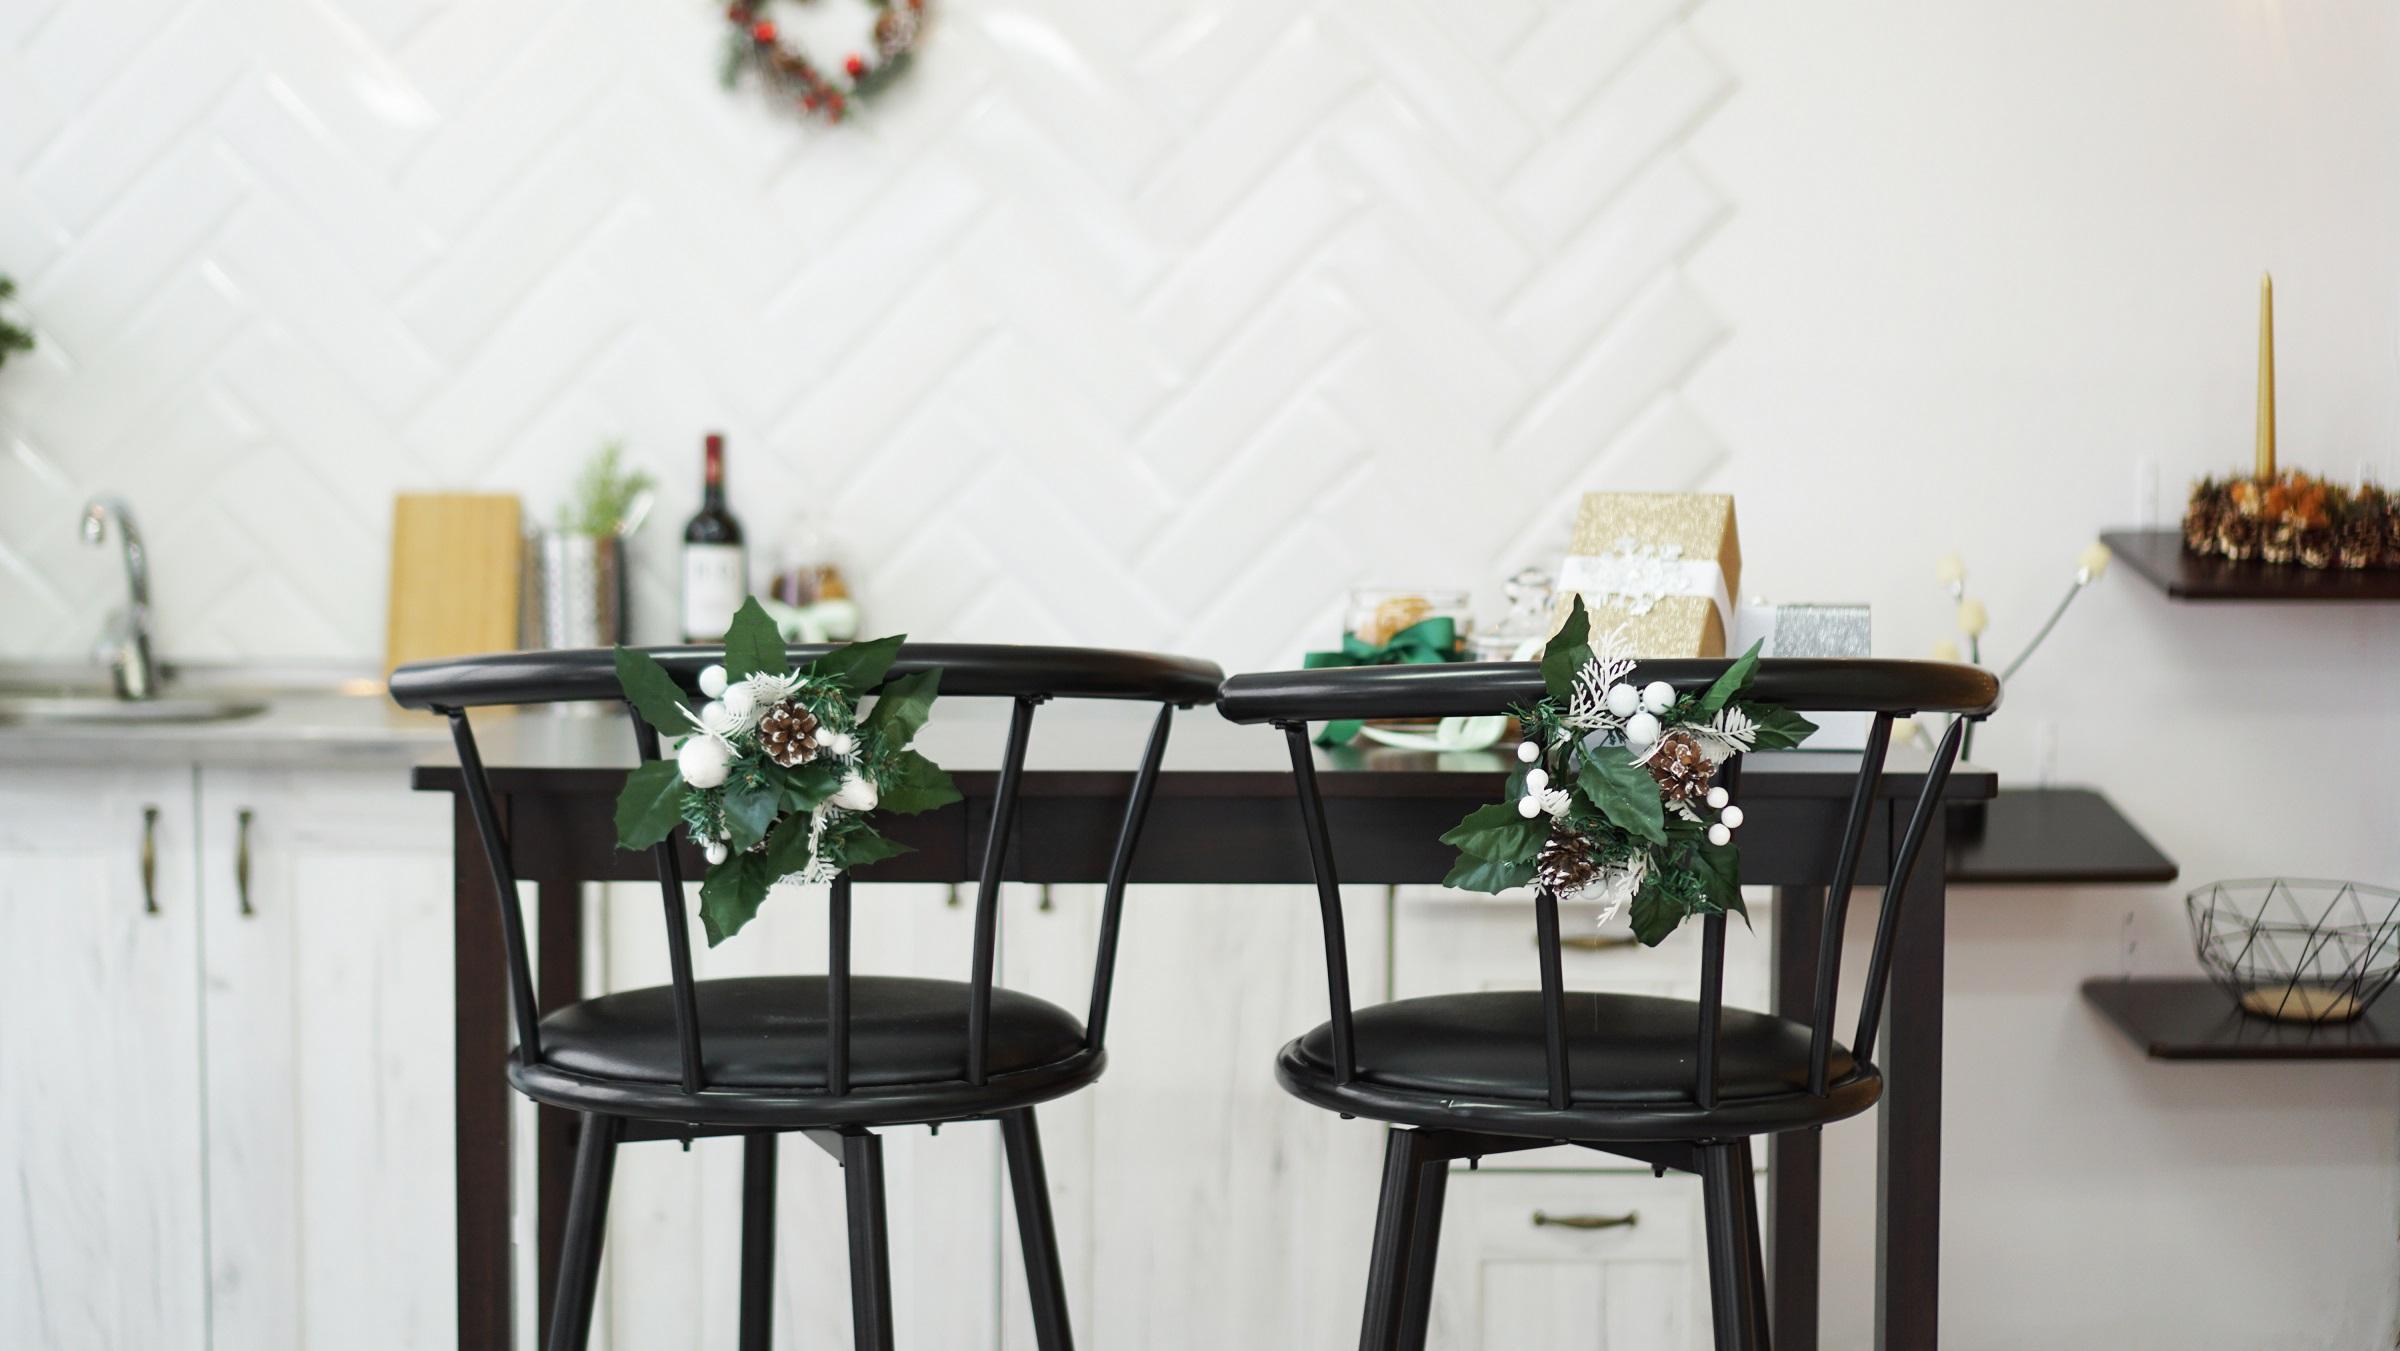 Decorazioni Natalizie Low Cost decorazioni di natale per la casa: idee semplici ma eleganti